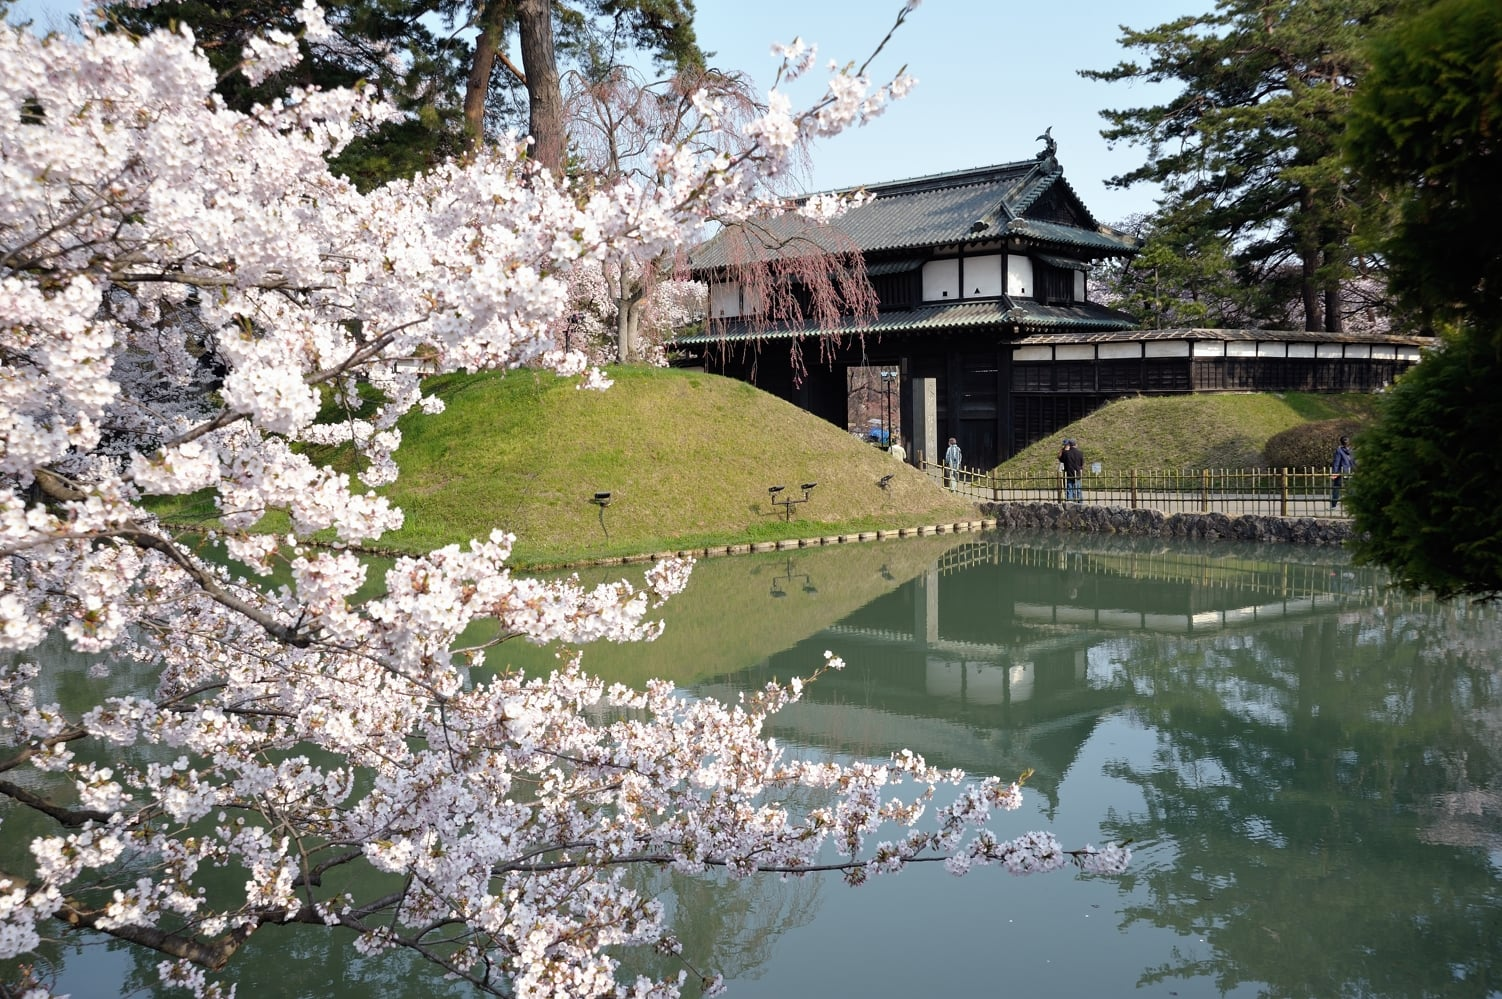 弘前公園桜の昼と夜